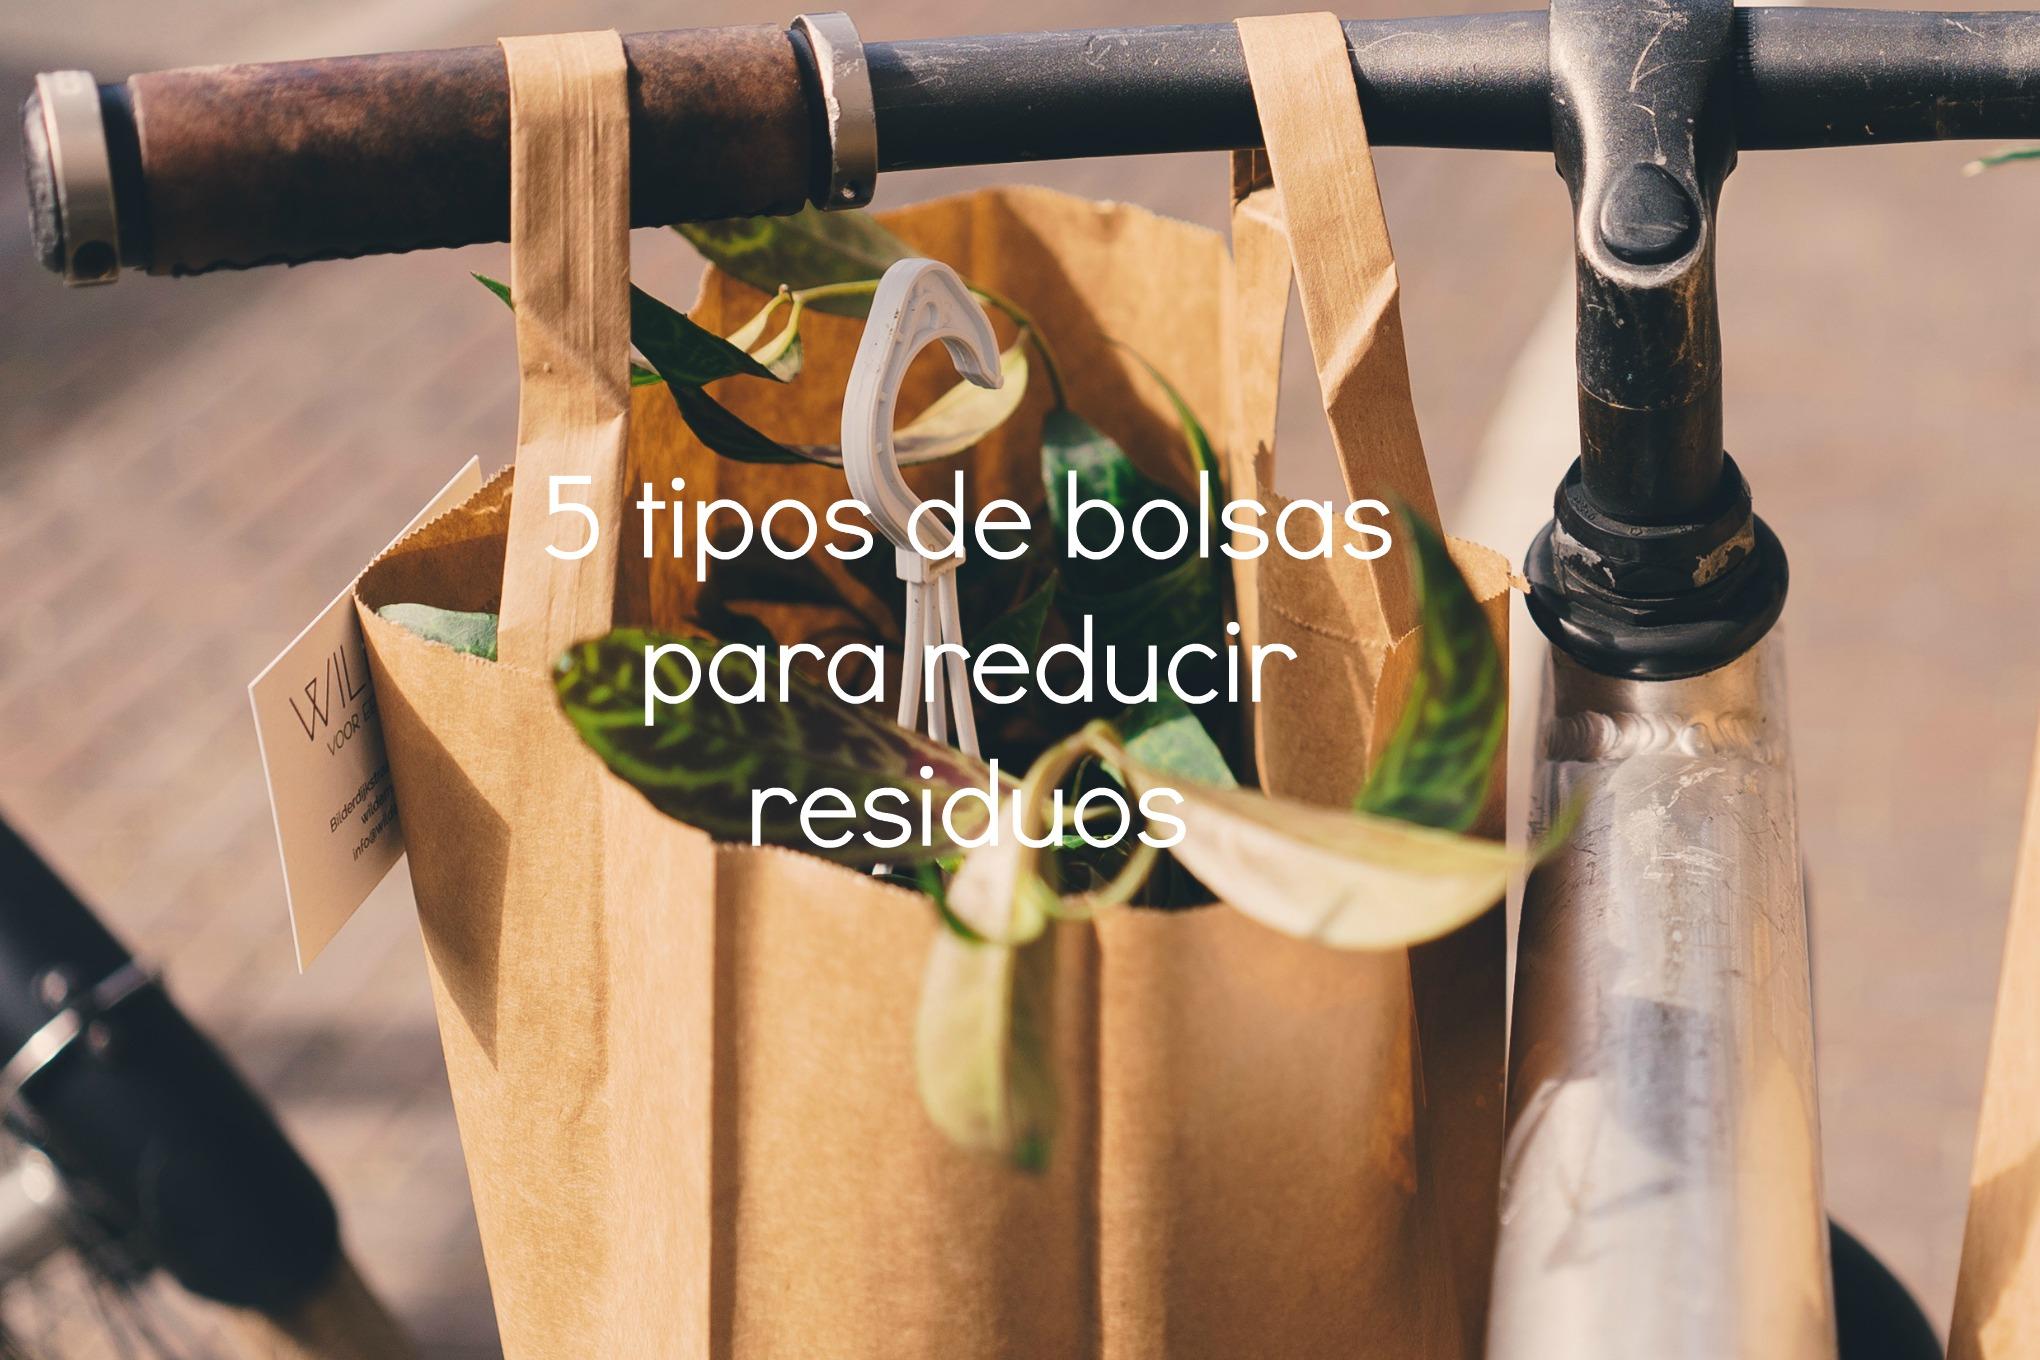 5 tipos de bolsas que te ayudarán a reducir tus residuos